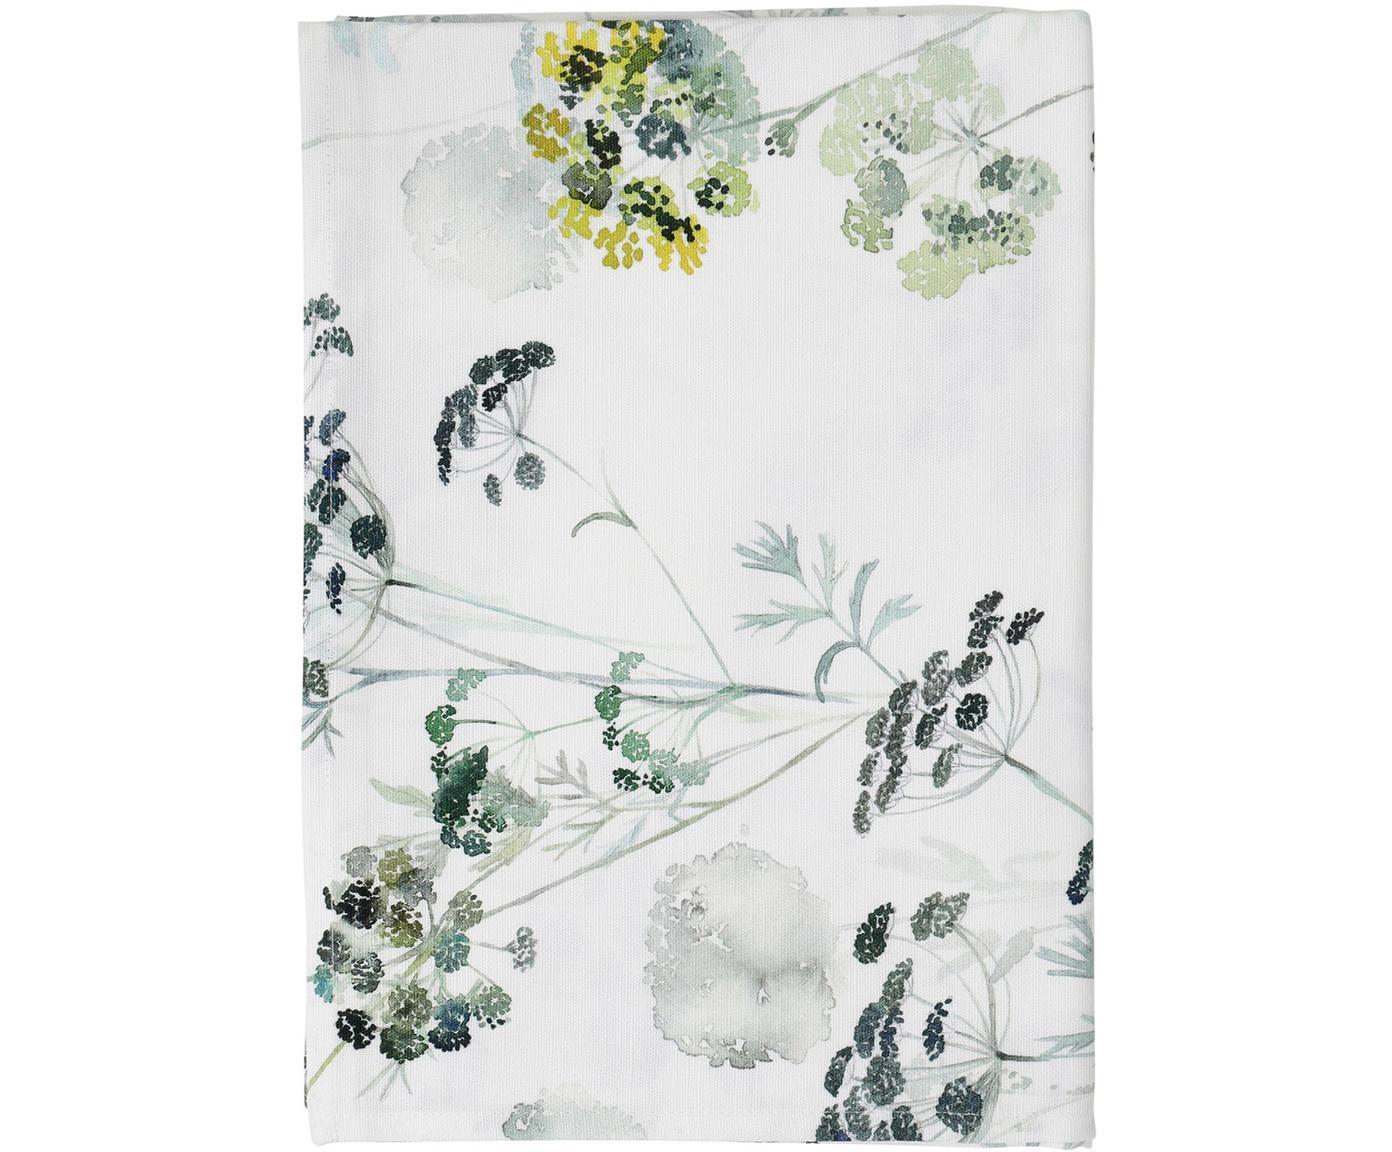 Tischdecke Herbier, Baumwolle, Weiß, Grün, 160 x 160 cm